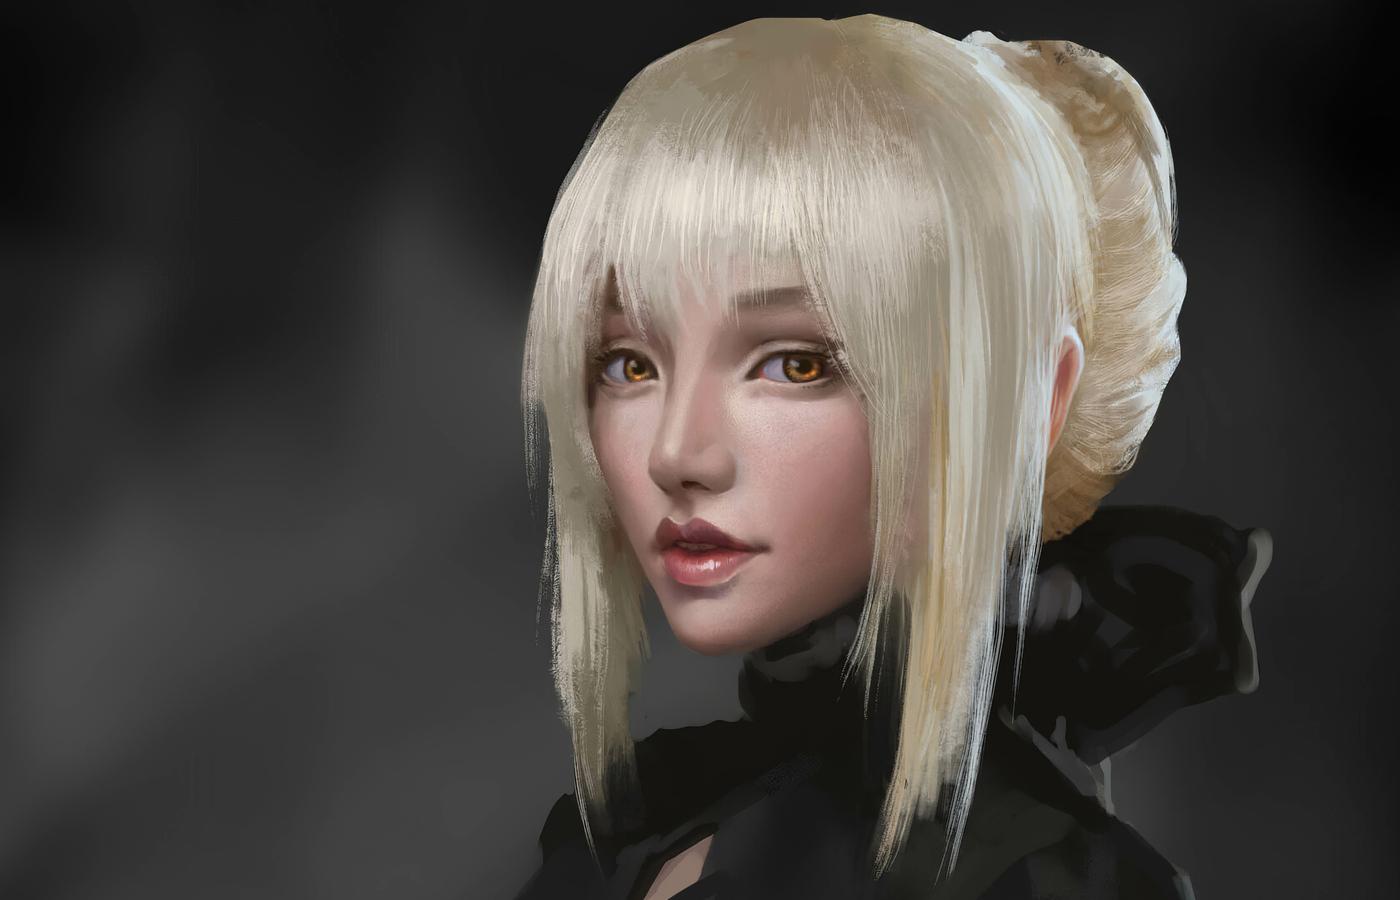 blonde-girl-black-dress-4k-ut.jpg